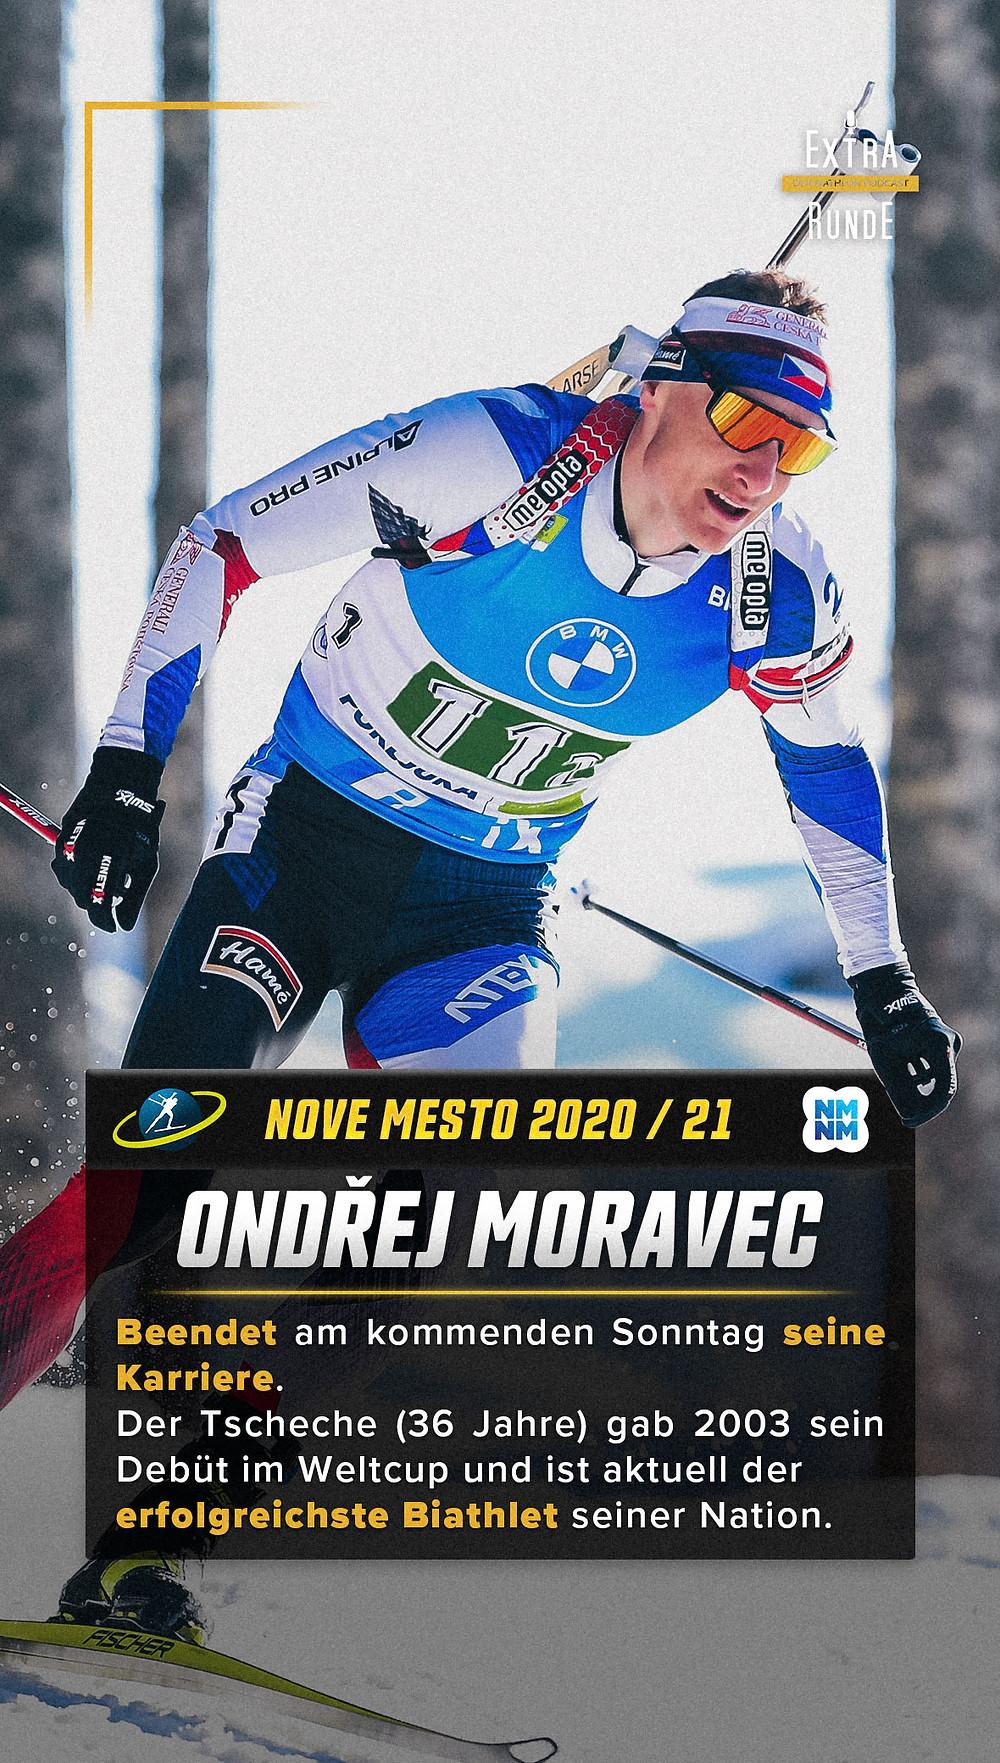 Ondrej Moravec ist aktuell der erfolgreichste Biathlet Tschechiens und beendet seine Biathlon Karriere.